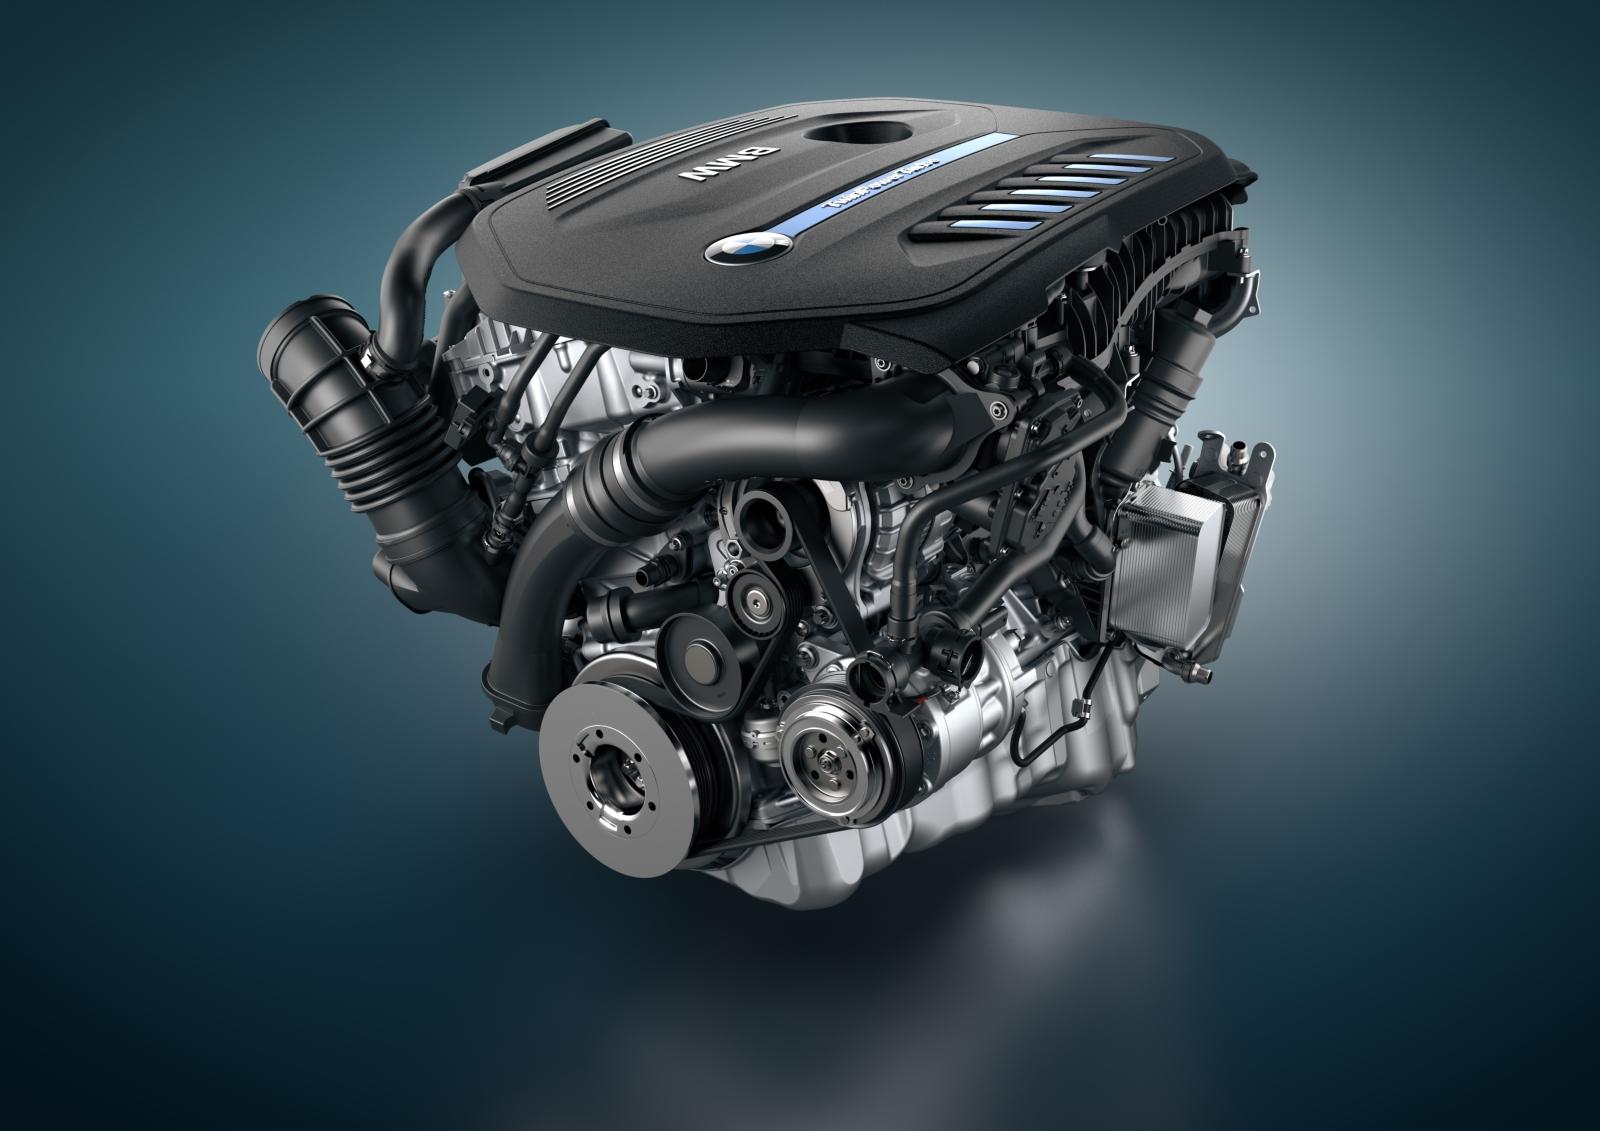 Der BMW Reihensechszylinder TwinPower Benzinmotor.